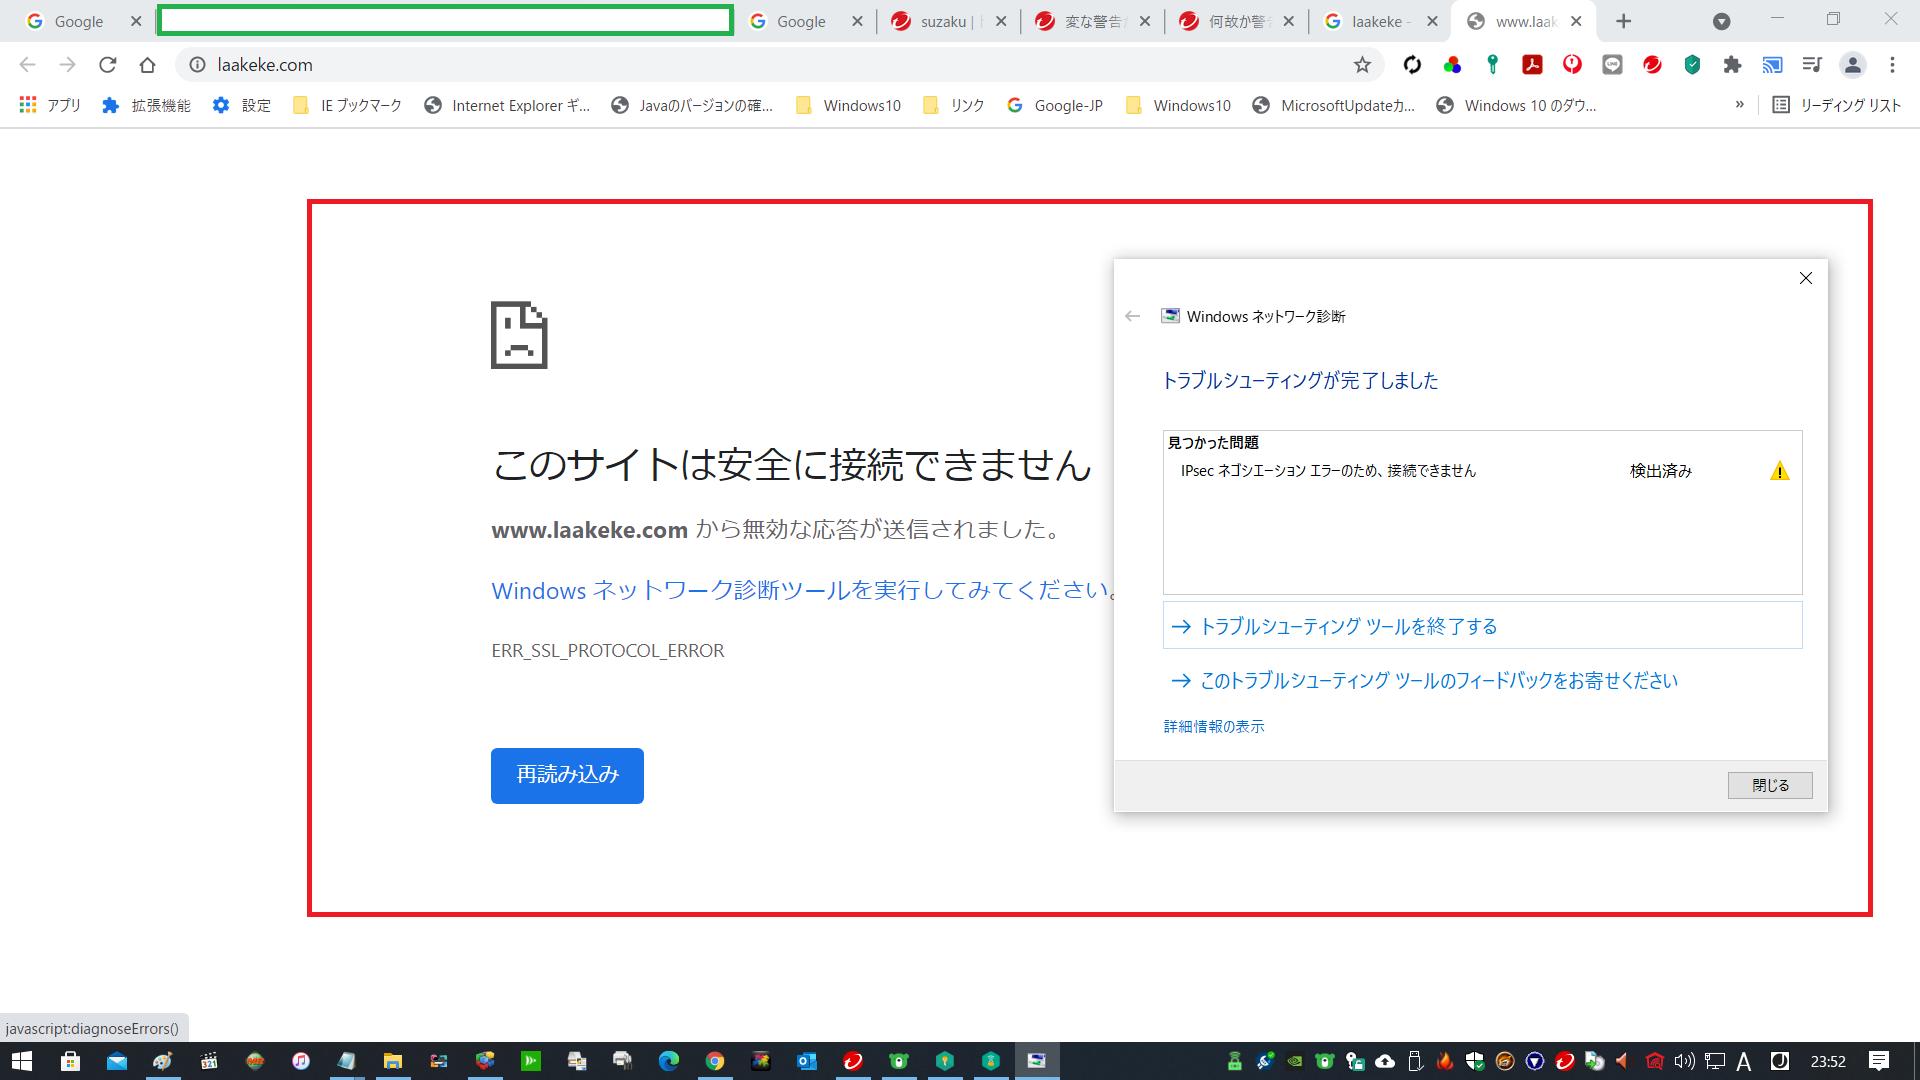 最初 する に とき ネゴシエート リモート と コンピューター に クライアントからVPNサーバーへ接続できない